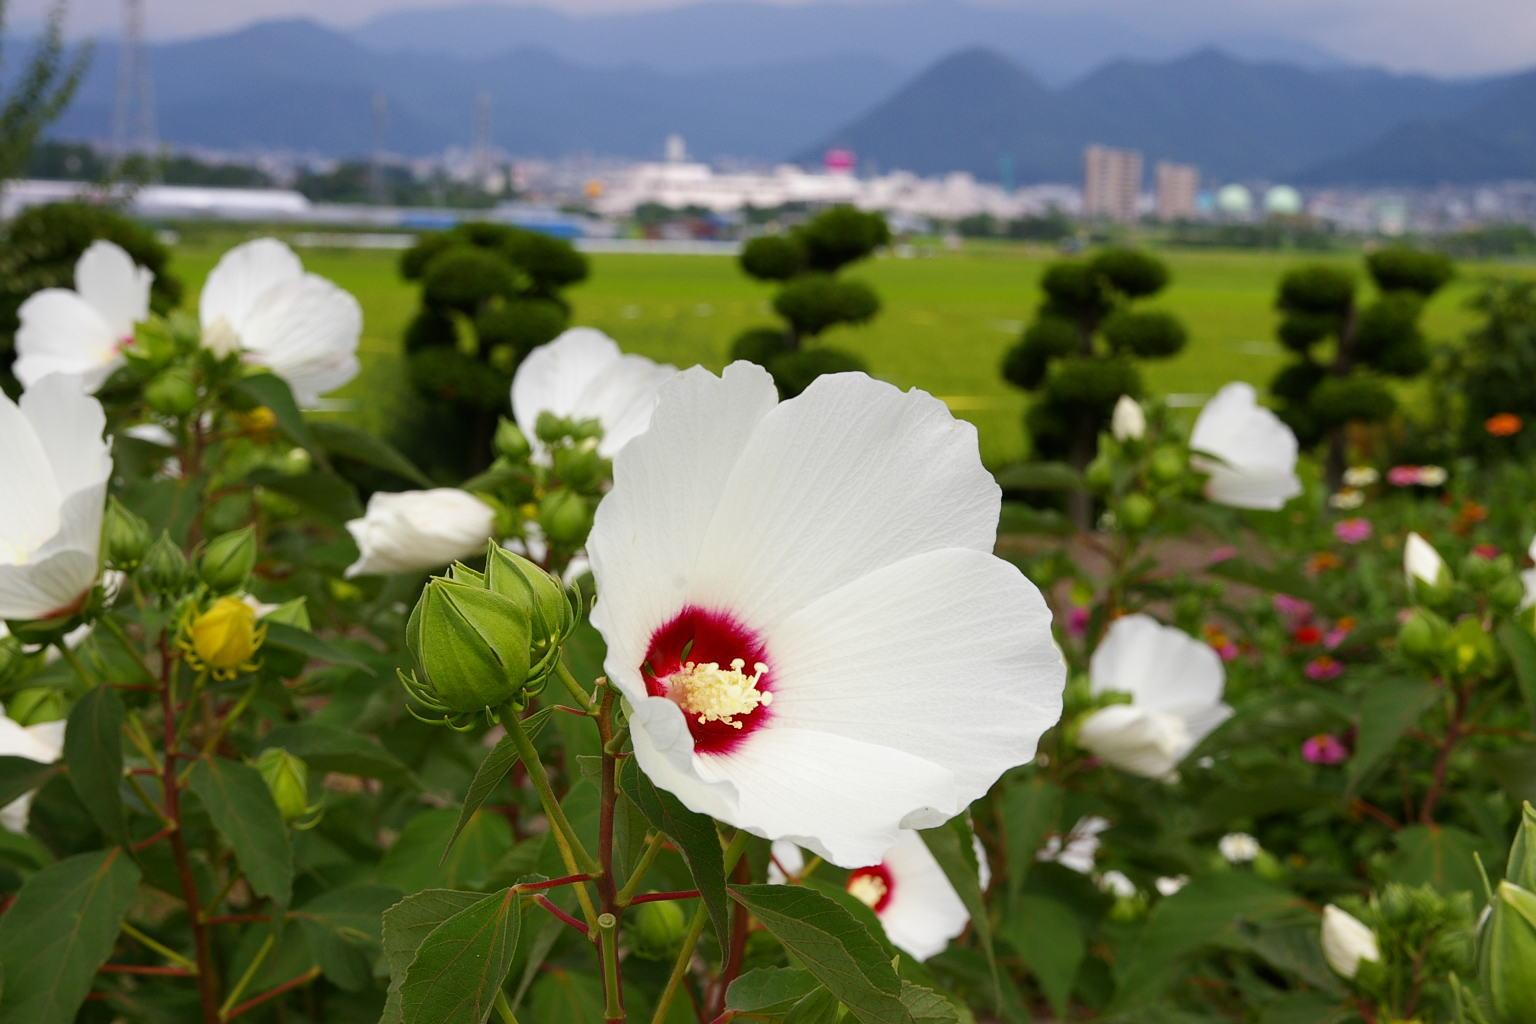 山形市 芙蓉の白い花と遠くに南ジャスコ